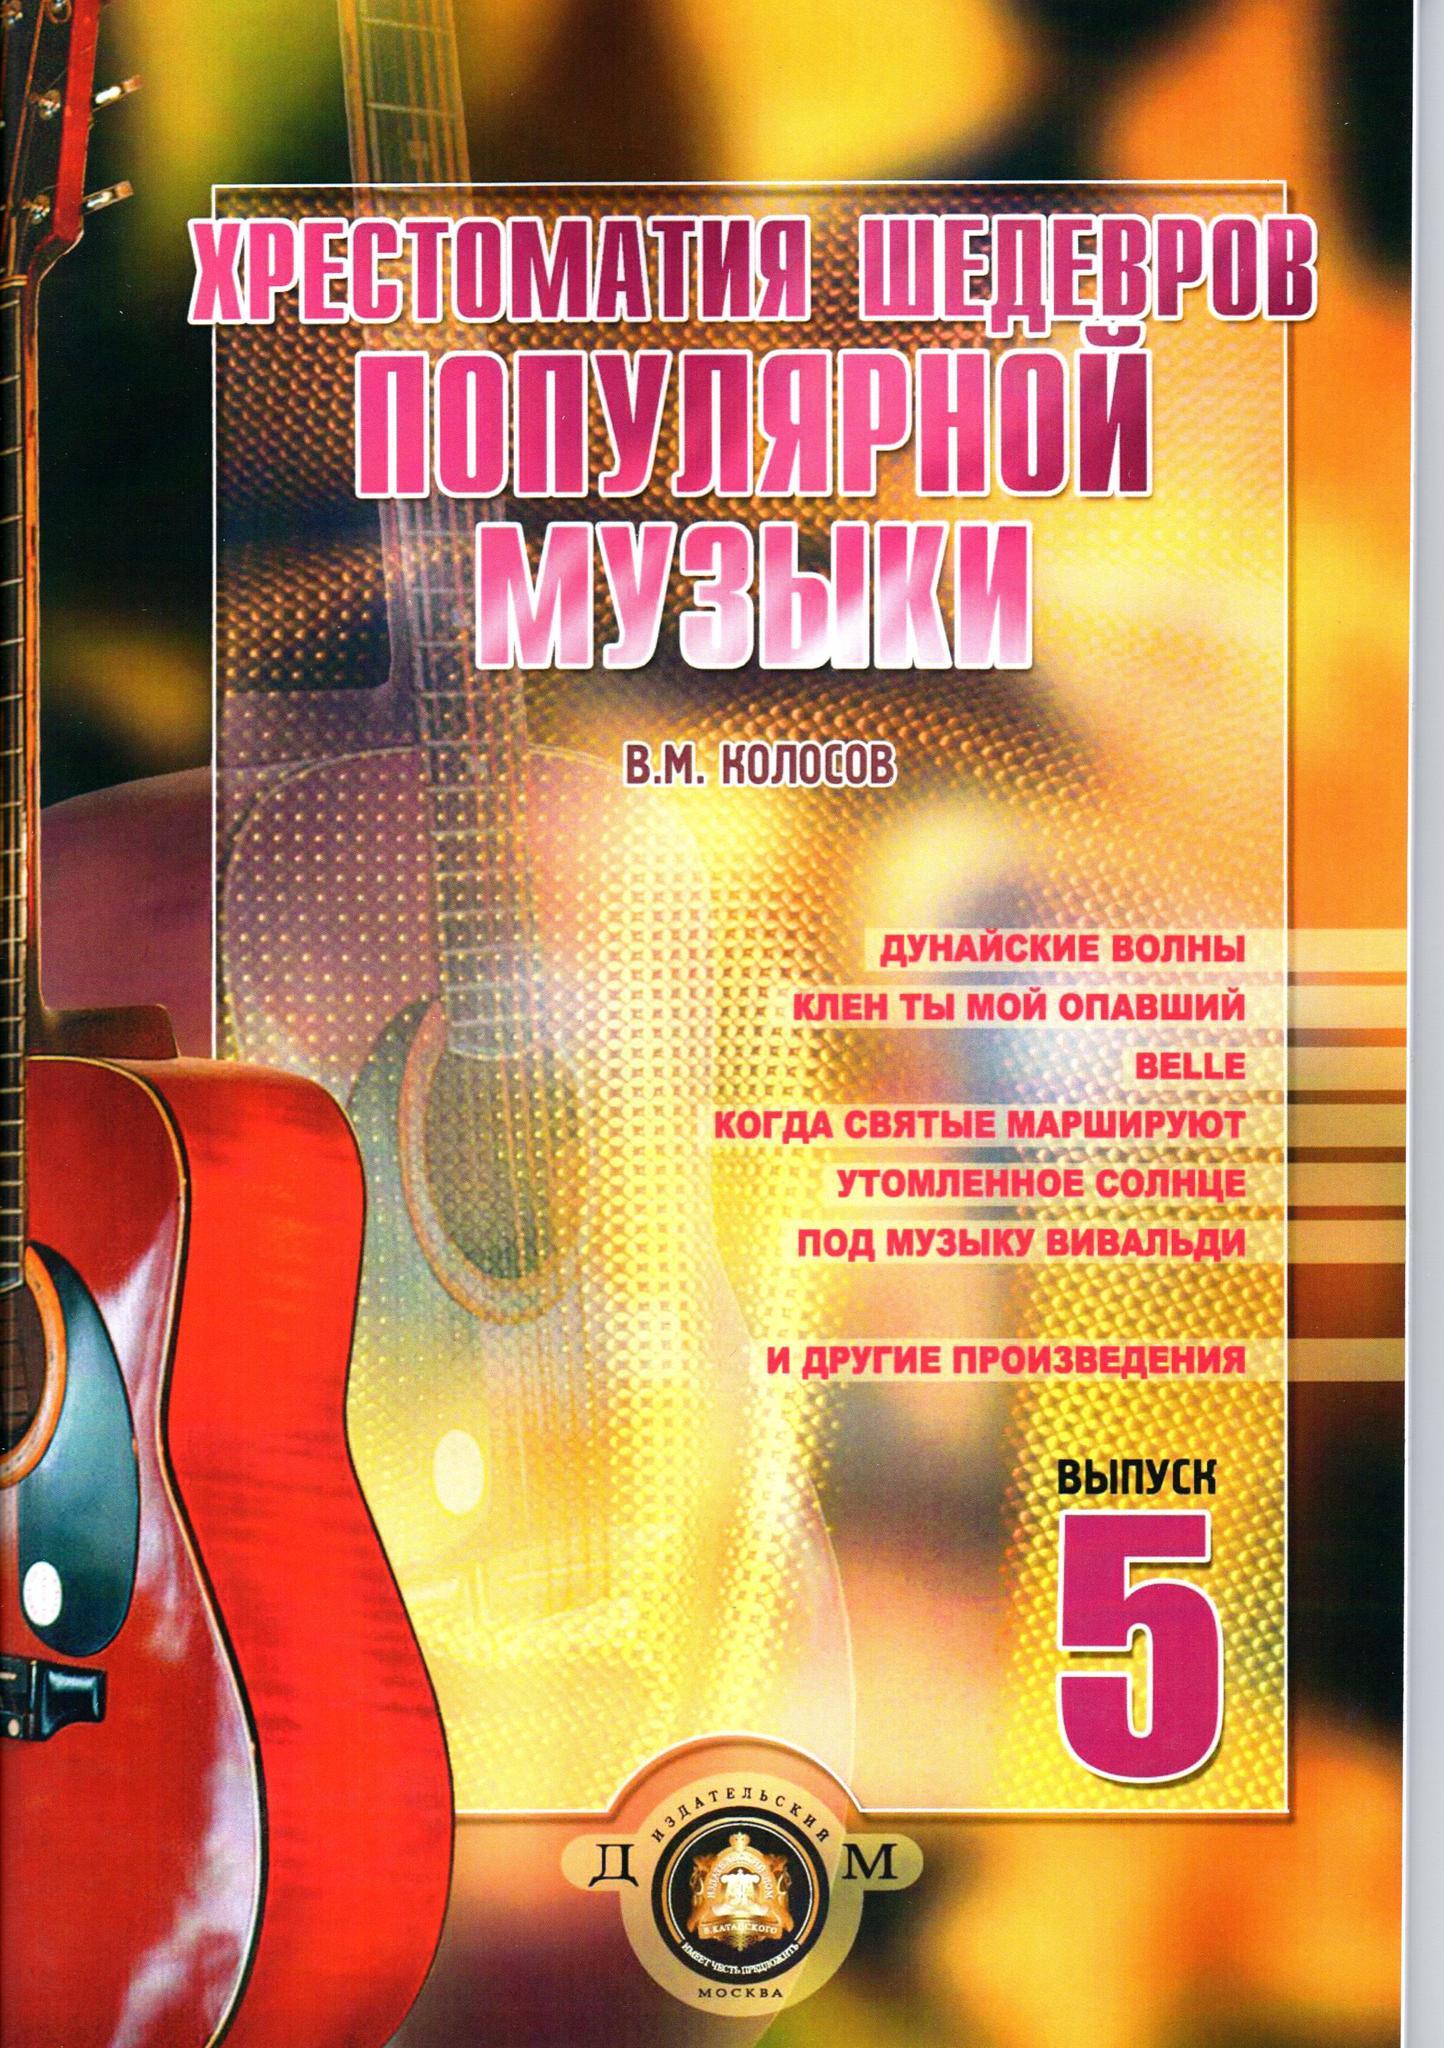 Колосов В. М. Хрестоматия шедевров популярной музыки. Тетрадь 5.